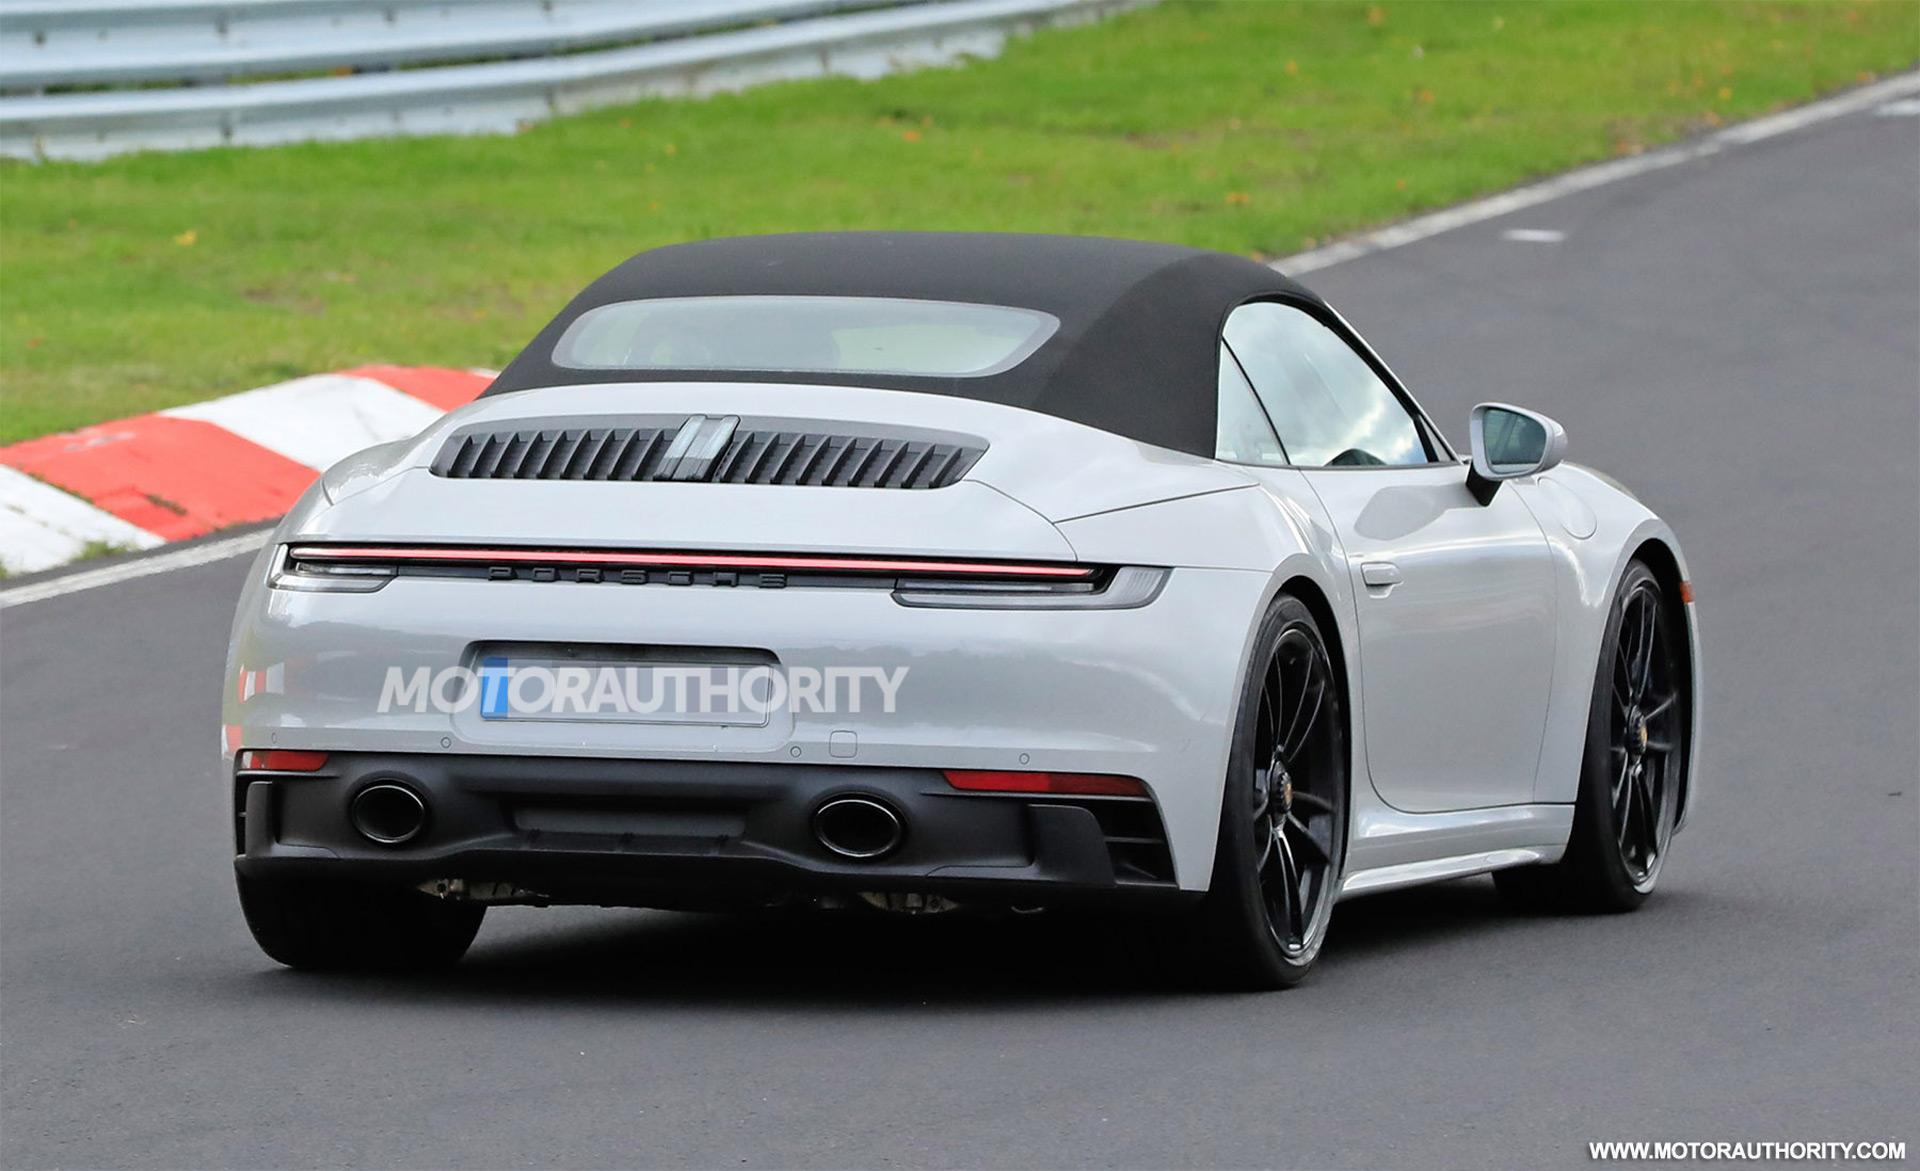 2018 - [Porsche] 911 - Page 20 2021-porsche-911-carrera-gts-cabriolet-spy-shots--photo-credit-s-baldauf-sb-medien_100721202_h